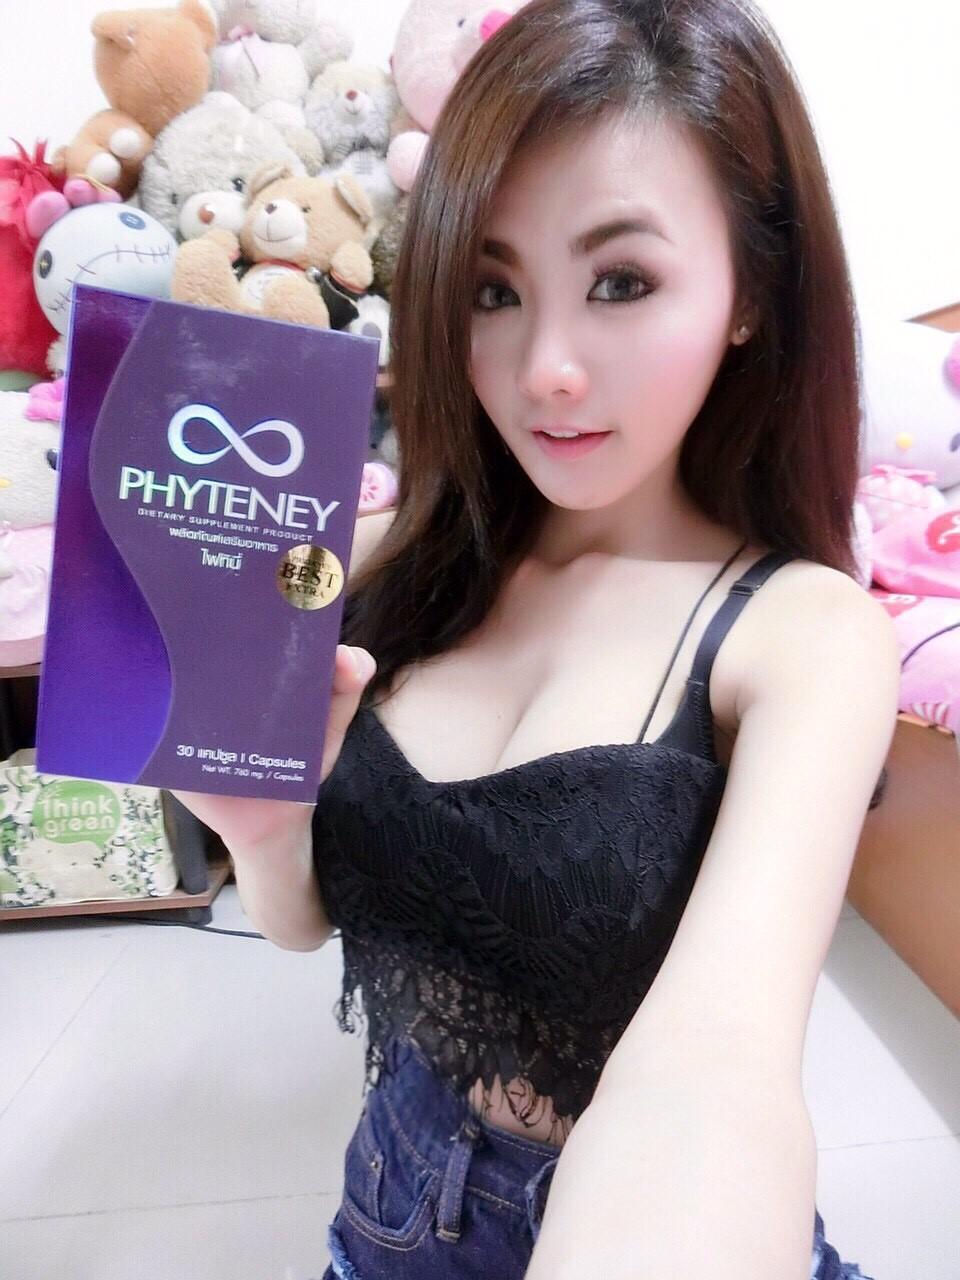 ไฟทีนี เบสท์ เอ็กซ์ตร้า (Phyteney Best Extra) ผลิตภัณฑ์ลดน้ำหนักระชับสัดส่วน ส่งฟรี EMS